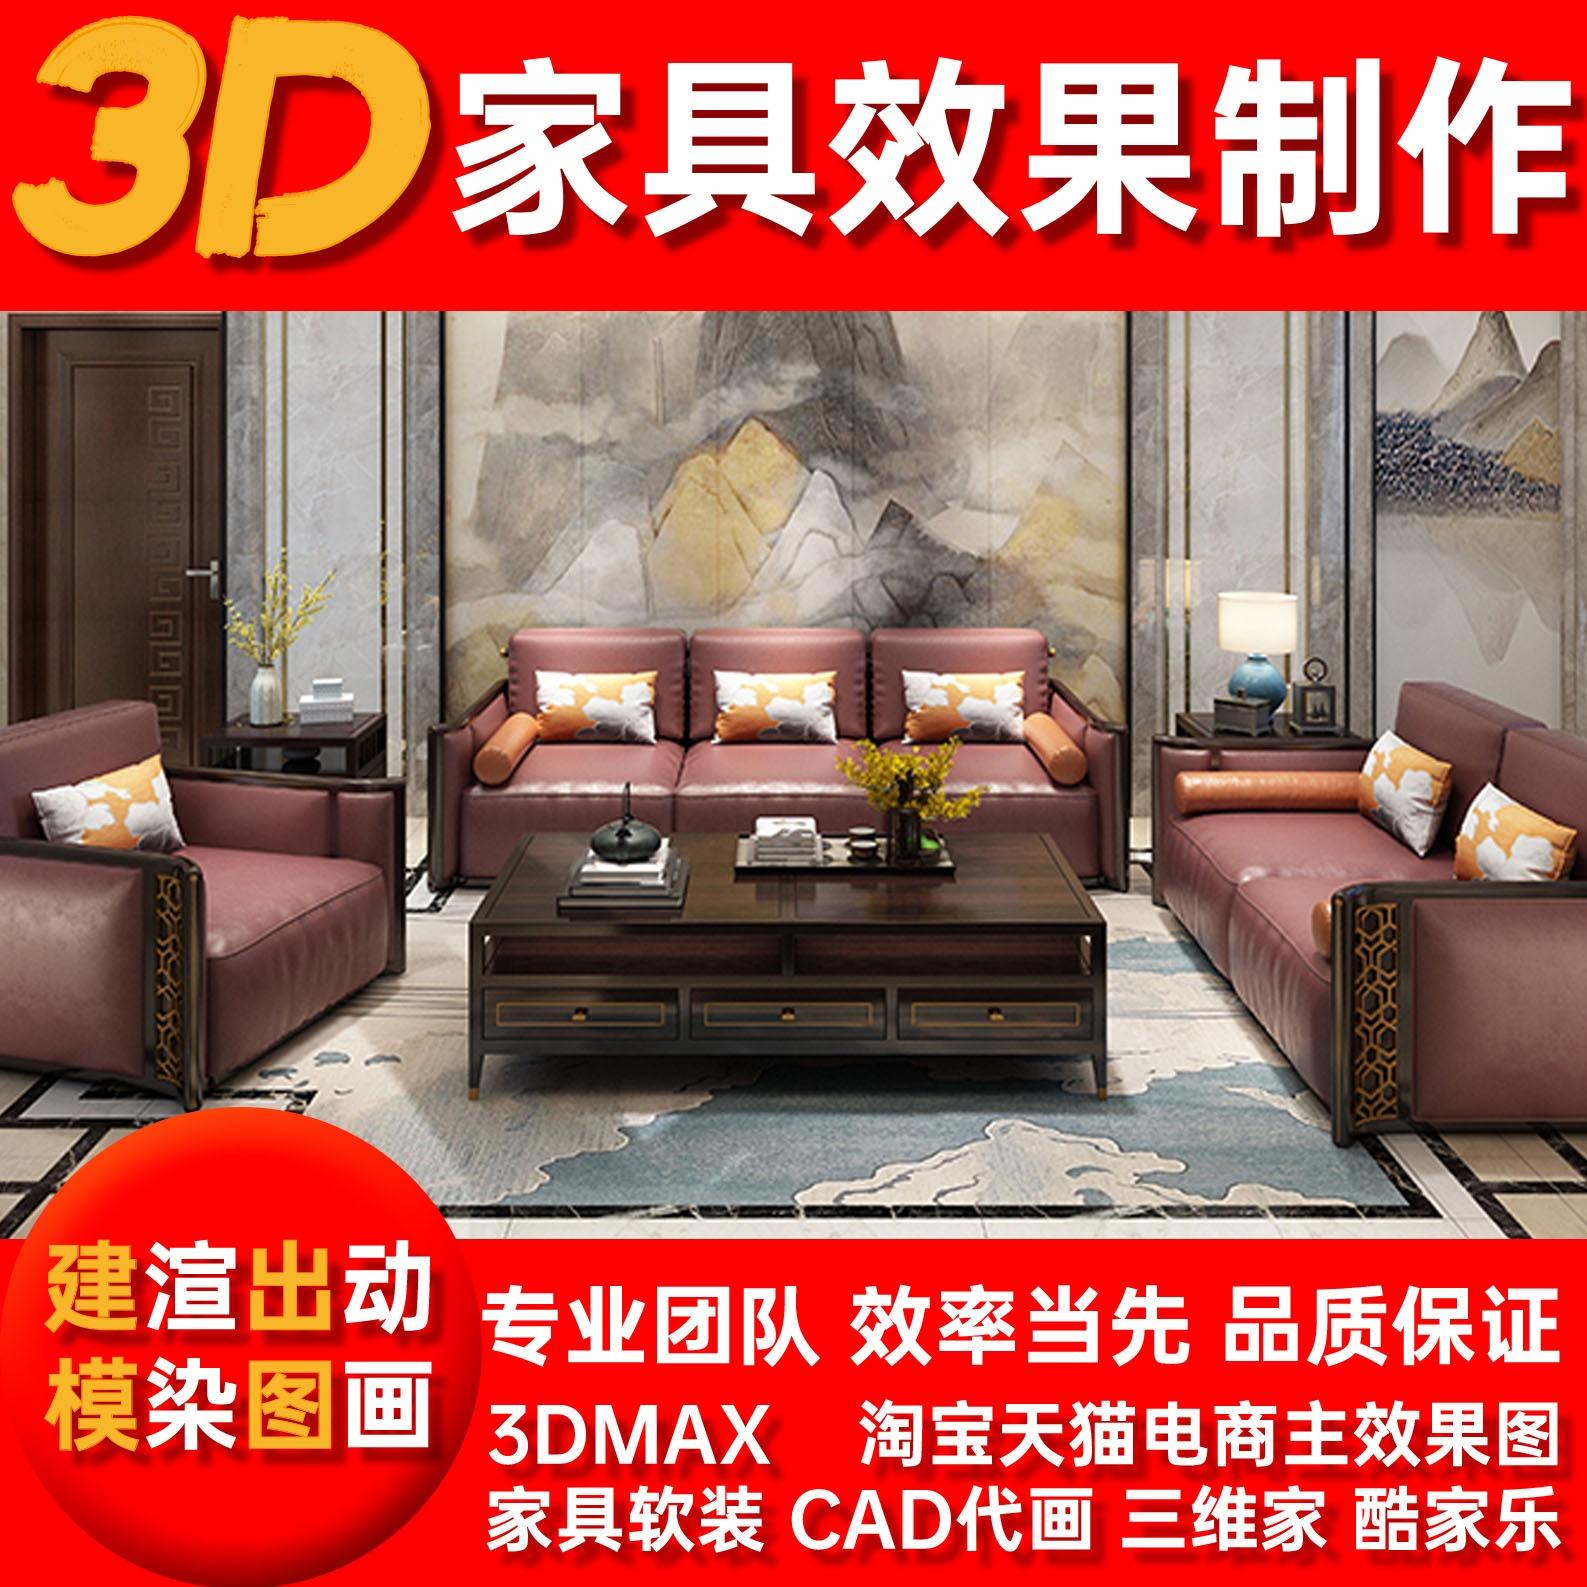 室内装修空间设计效果图 中式风格家具3D建模/酷家乐/三维家